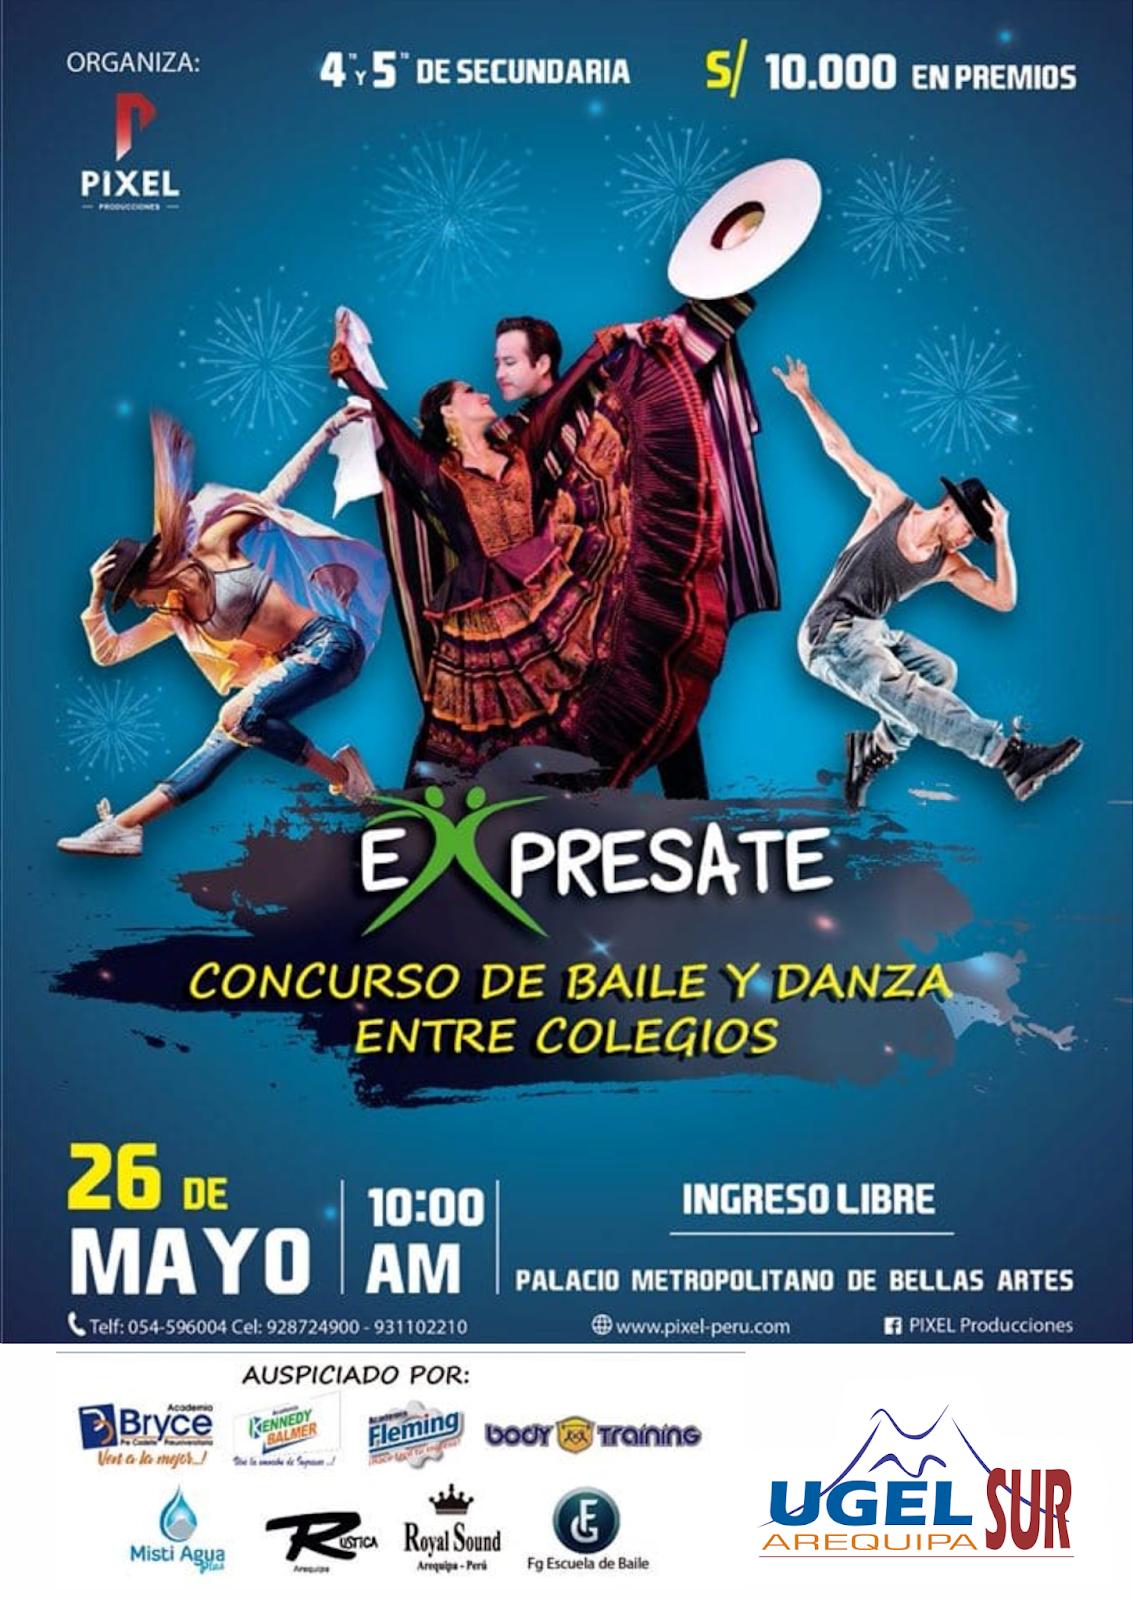 Expresarte: Concurso de baile y danza entre colegios de Arequipa